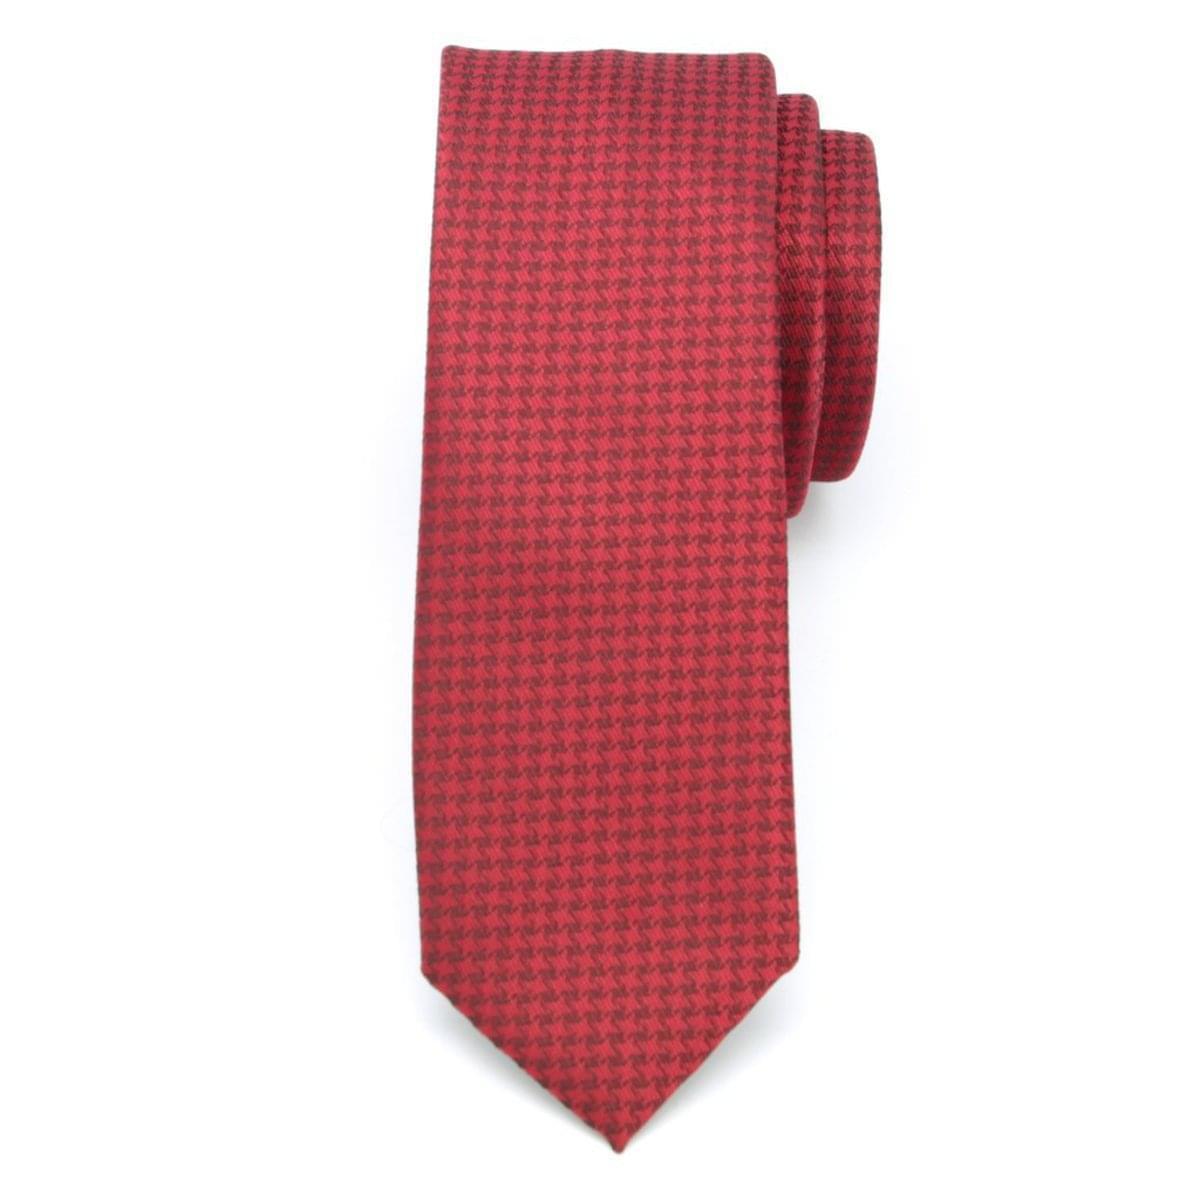 Pánská úzká kravata (vzor 1166) 6060 v červené barvě